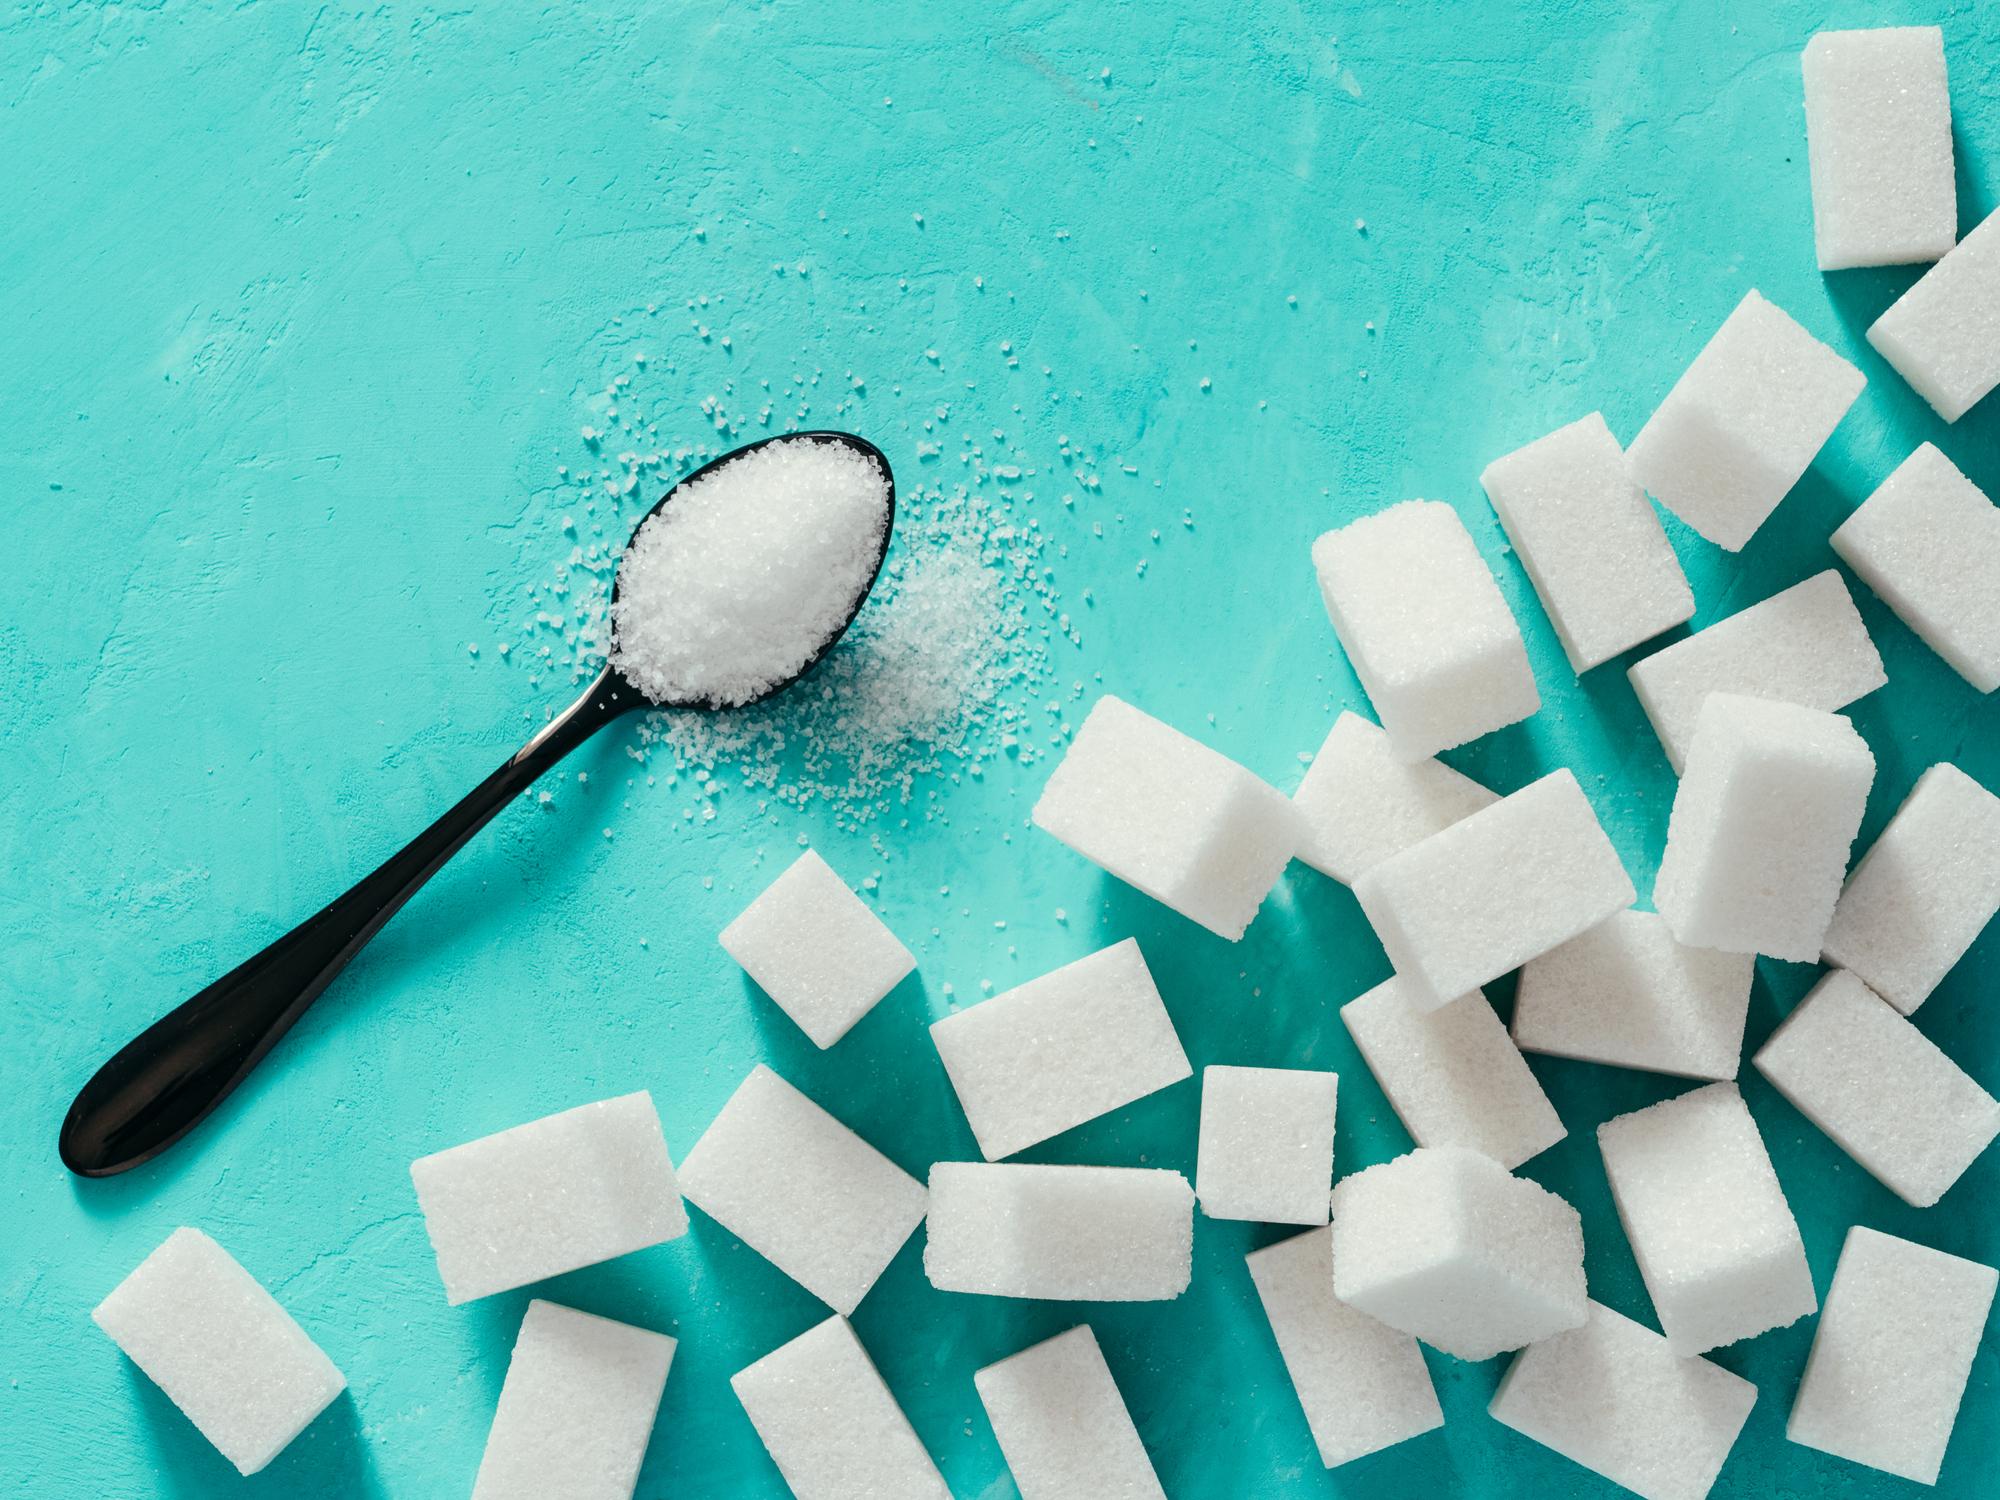 Sugar's cancer-fueling secret explained